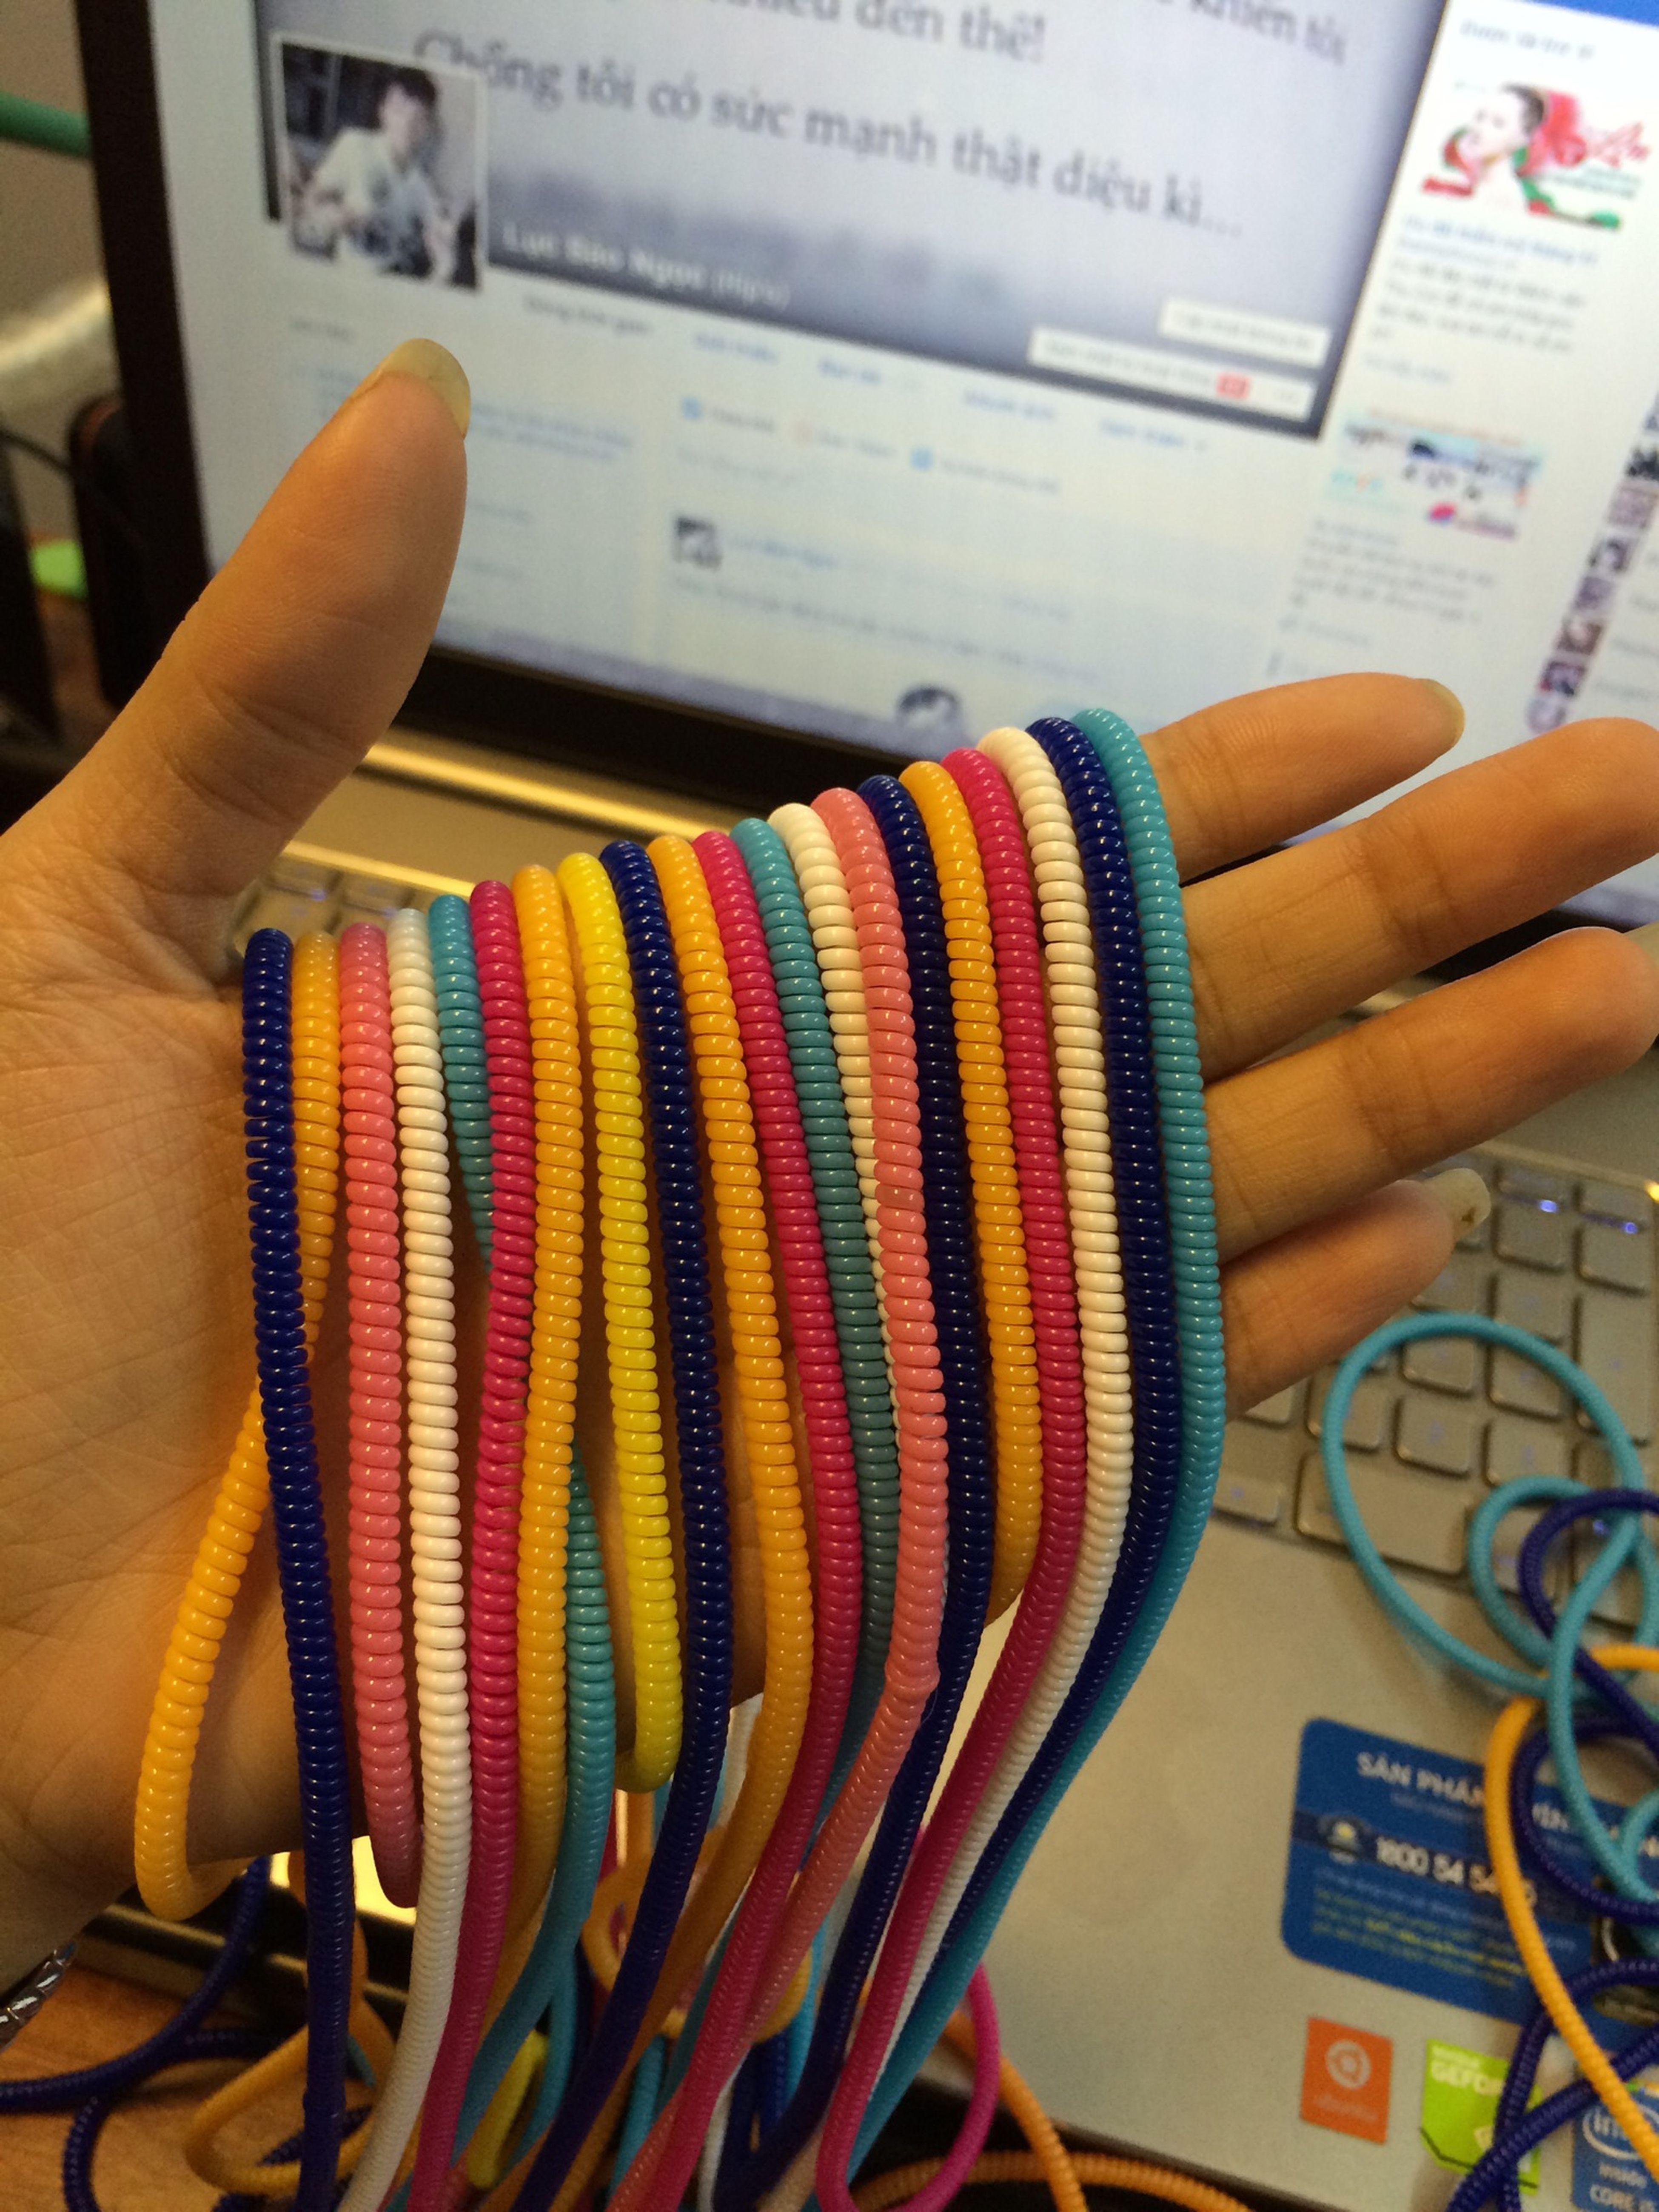 Dây cuốn bảo vệ cáp sạc tai nghe v..v chỉ 15k/dây và hàng luôn có sẵn nhá ?? mua hàng 01644423194